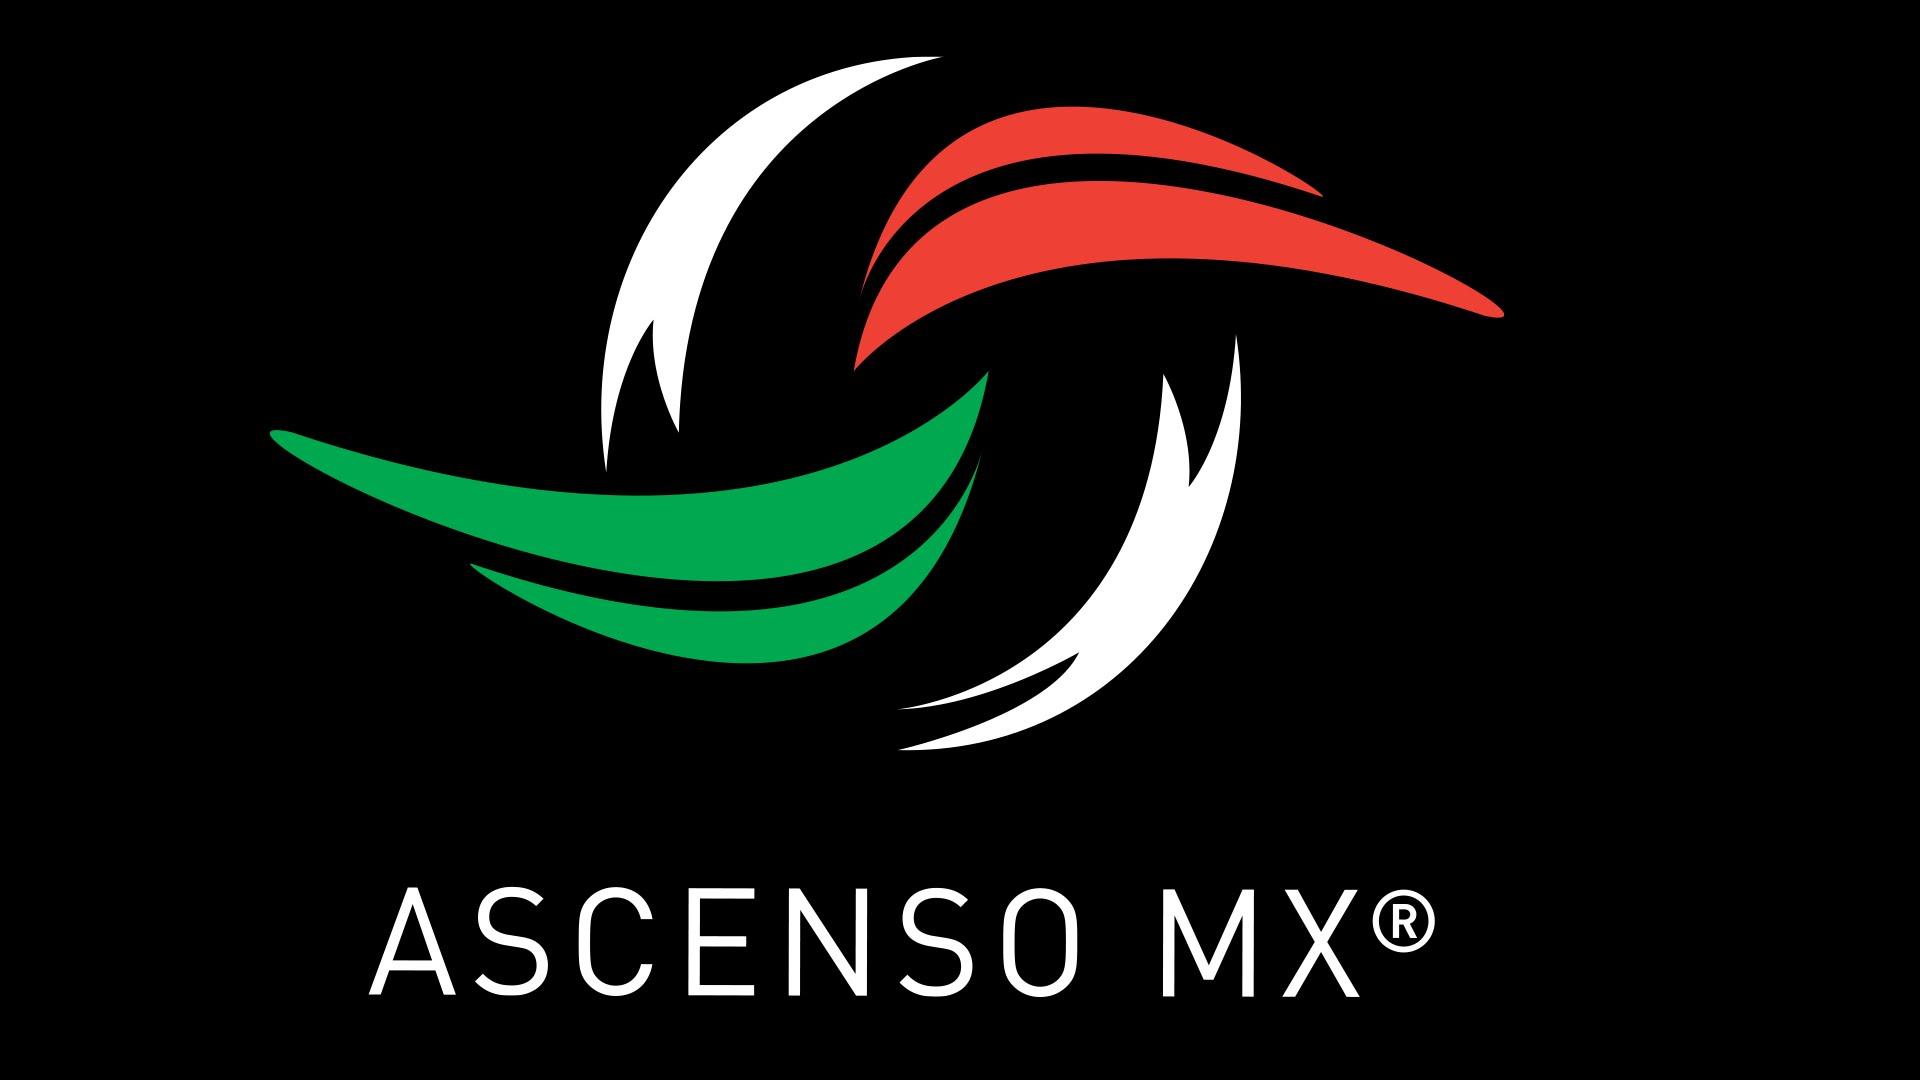 ascenso-mx-anuncia-mudanca-consideravel-em-sistema-de-disputa-Futebol-Latino-30-05